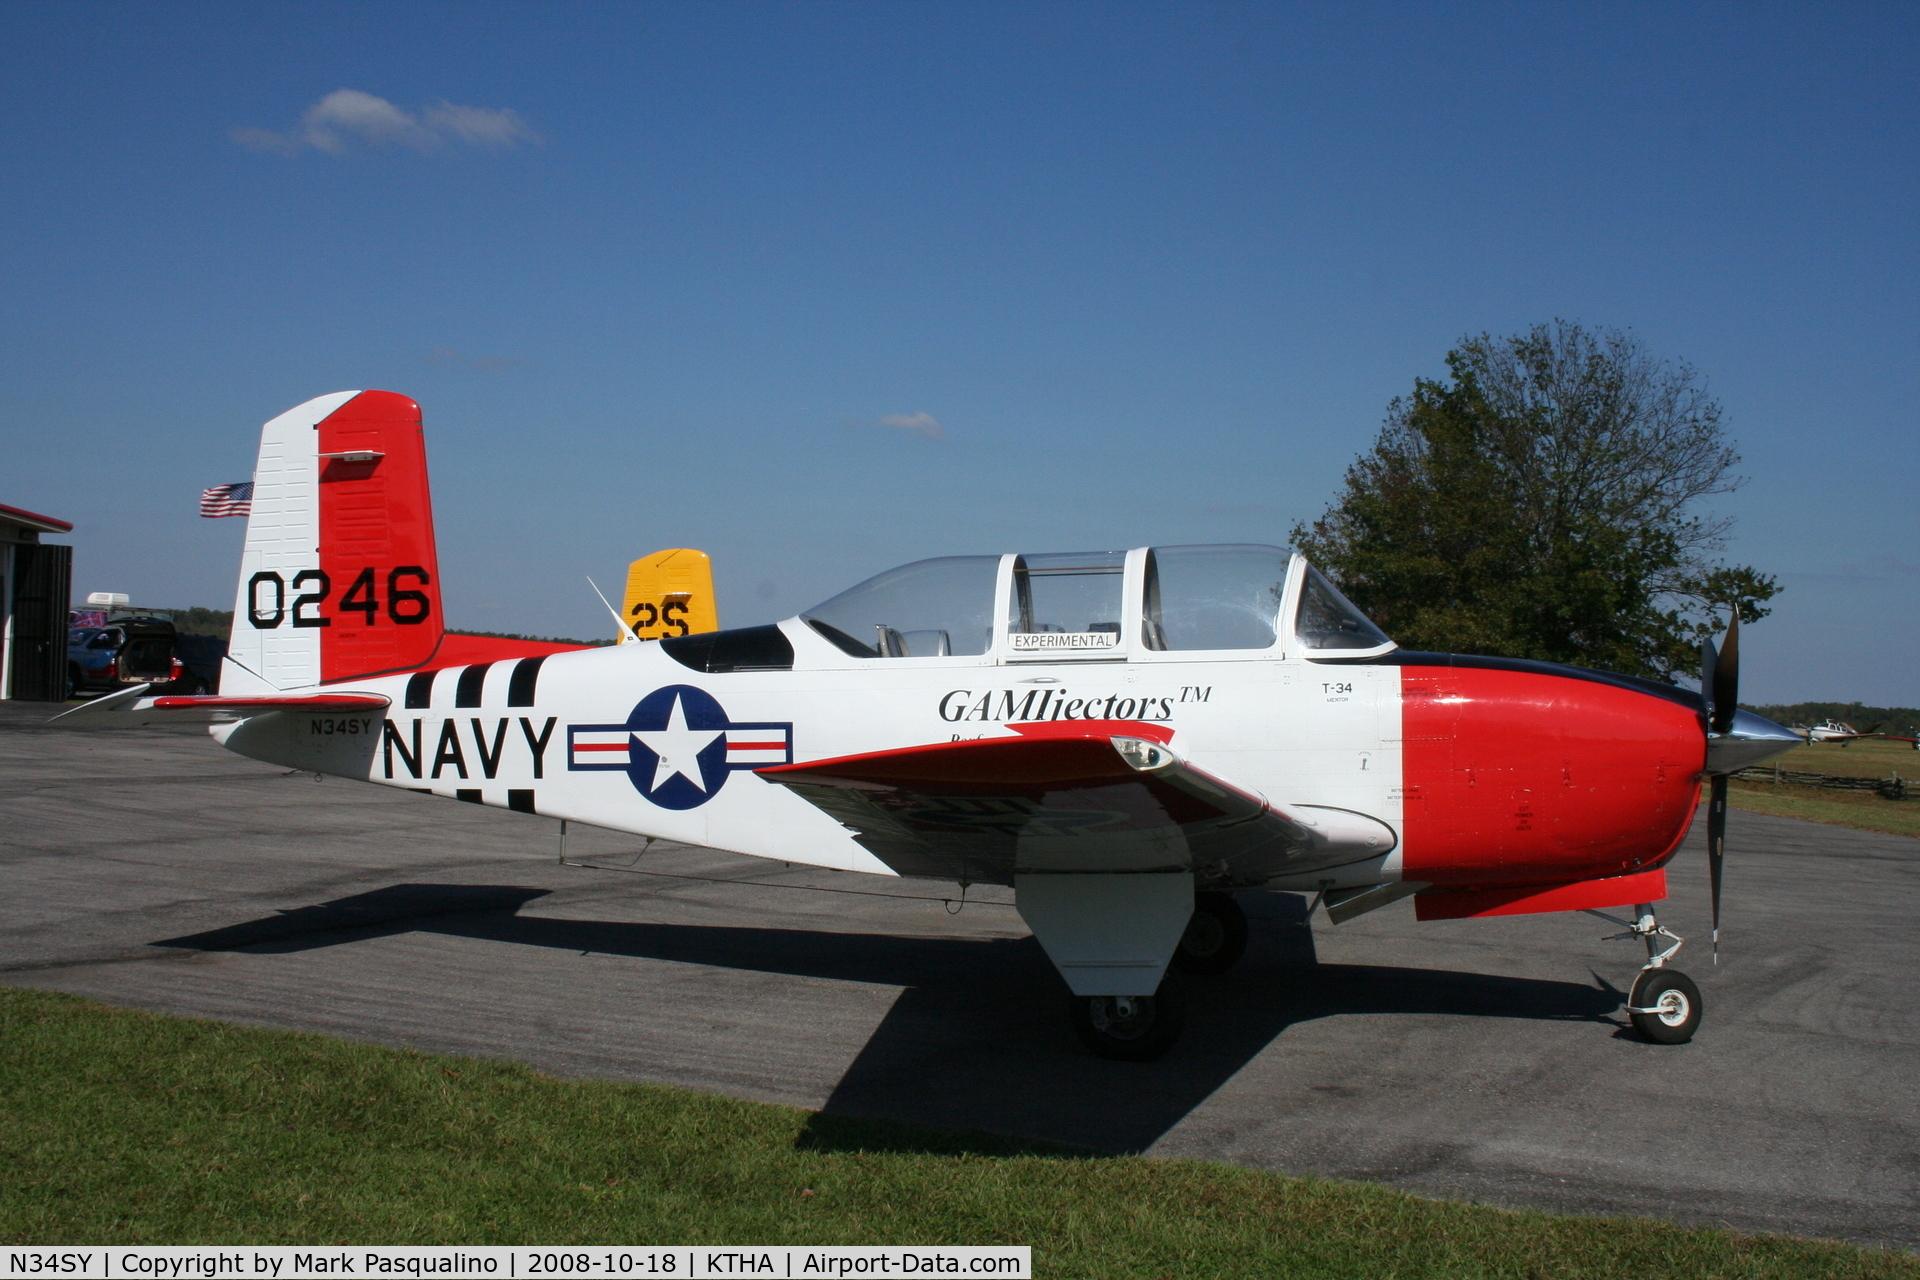 N34SY, 1956 Beech D-45 Mentor C/N BG-246, Beech T-34B